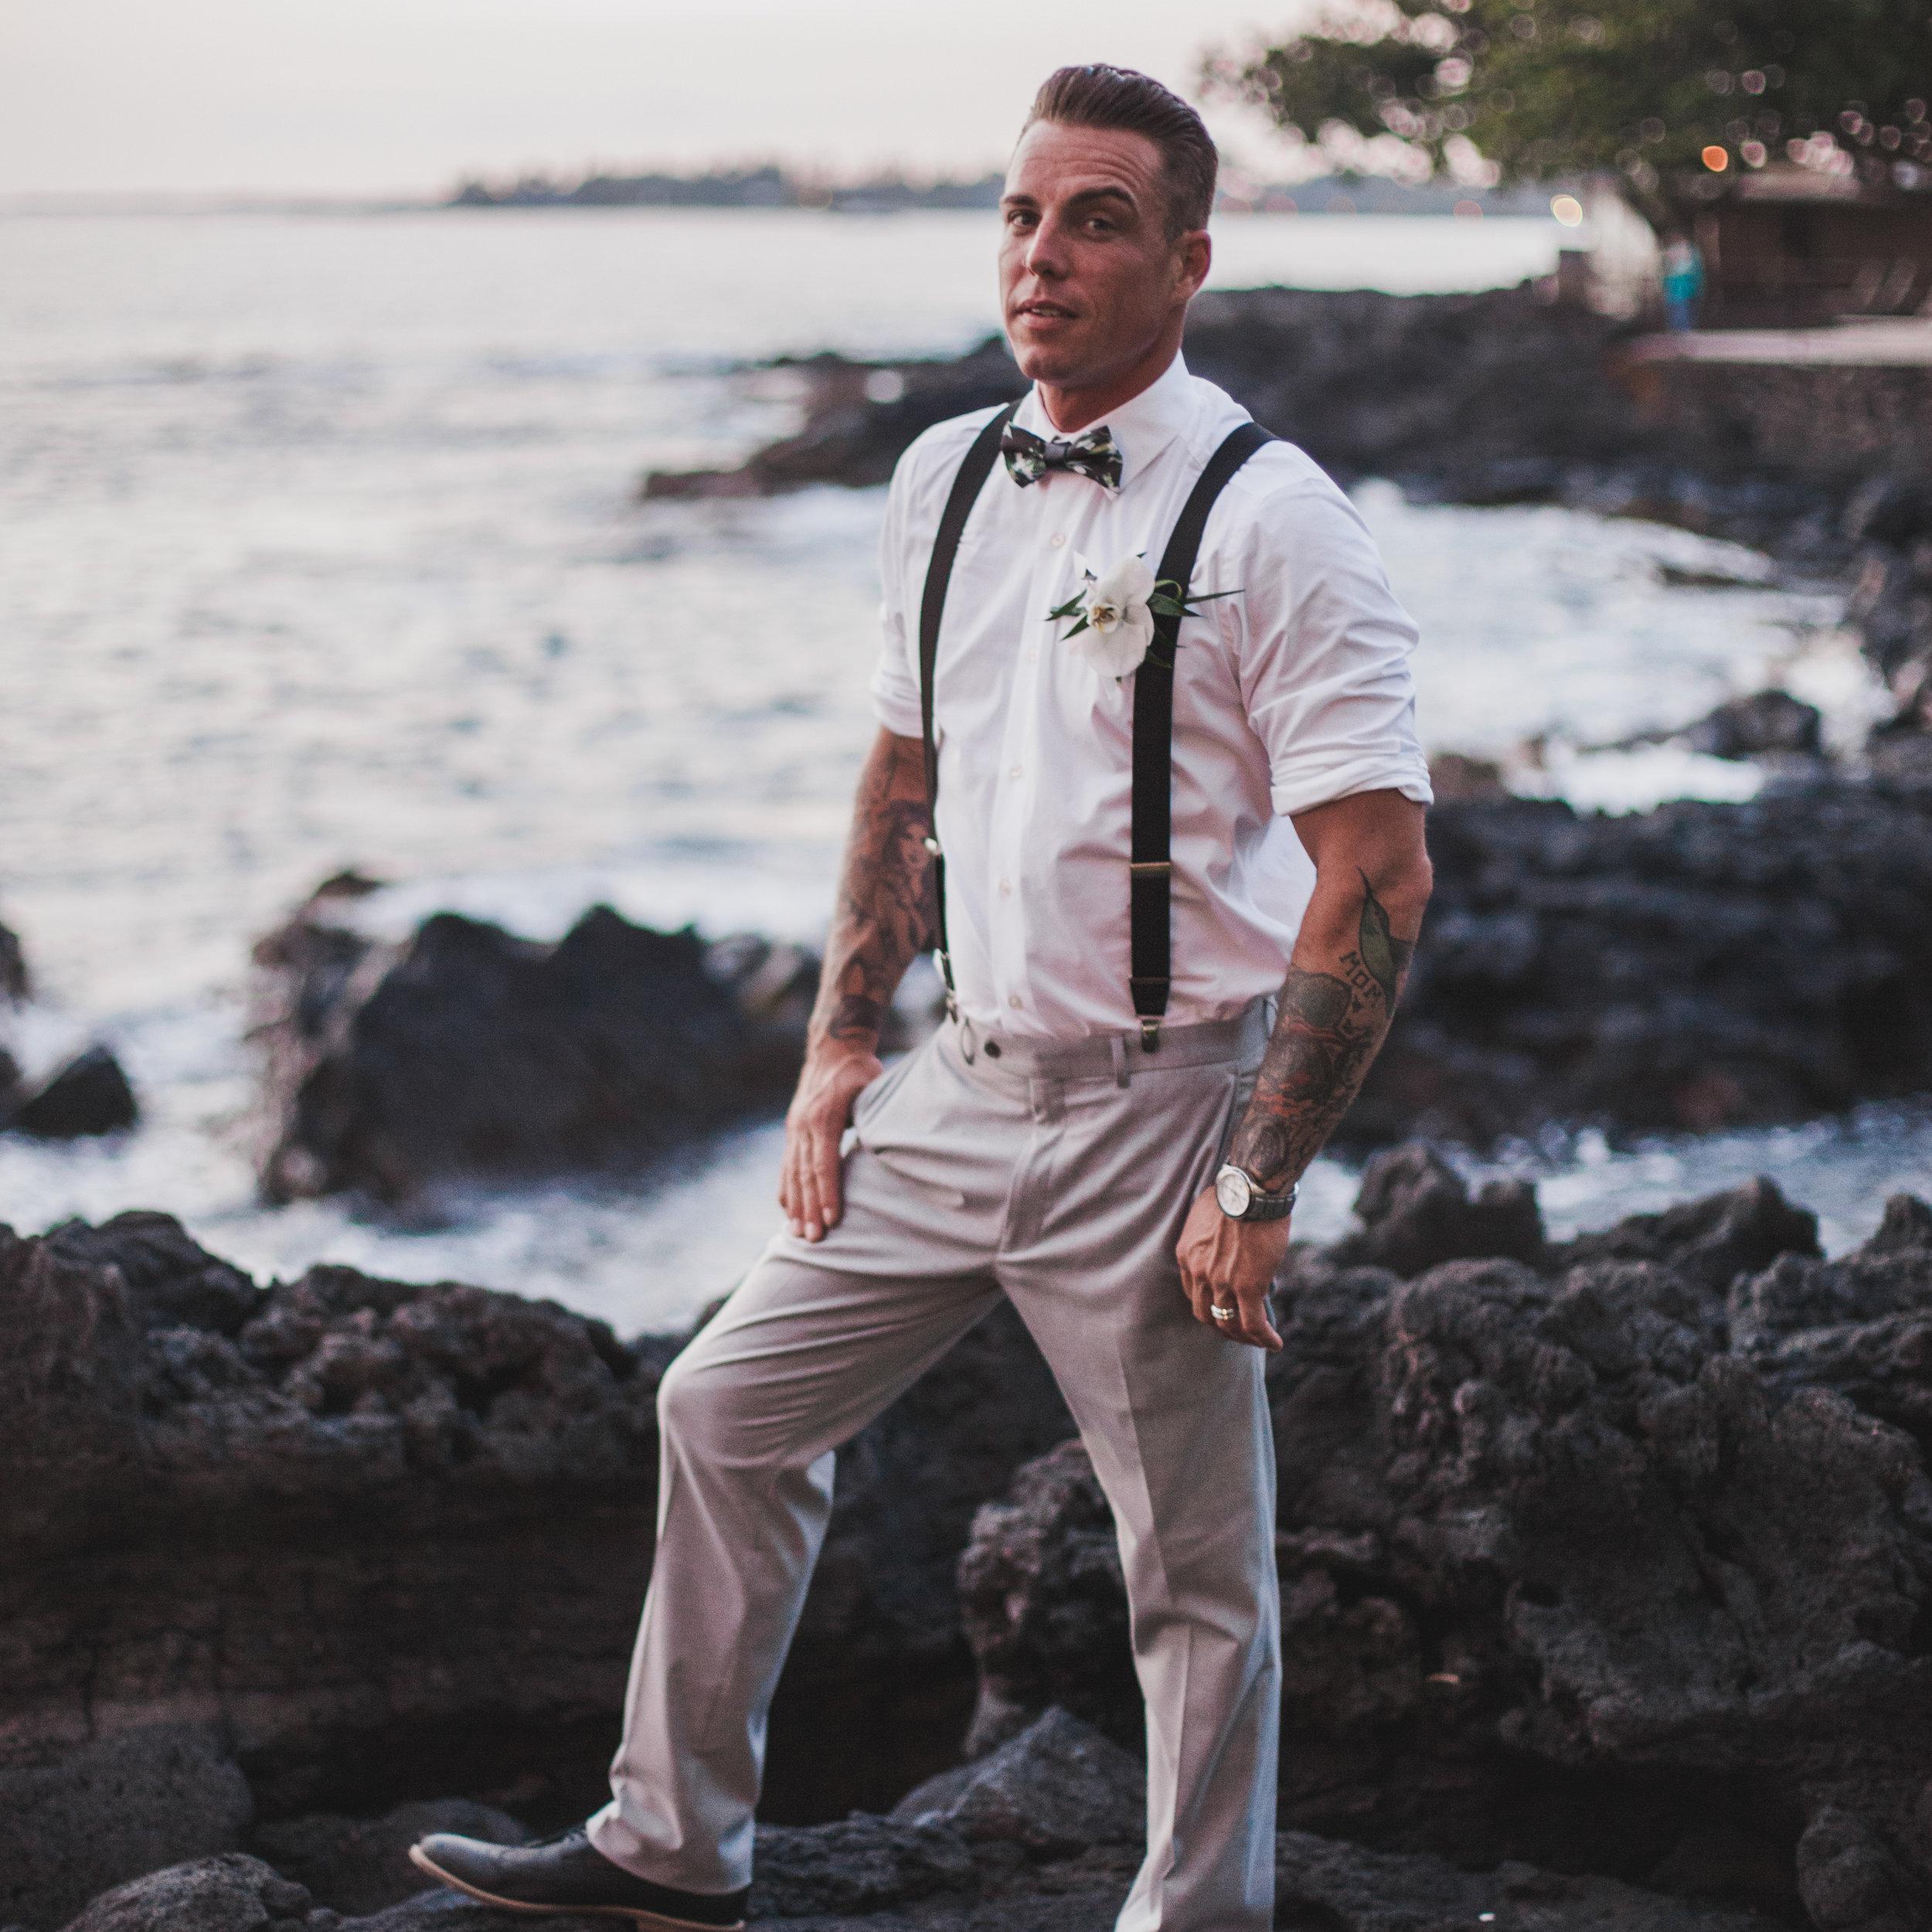 big island hawaii royal kona resort wedding kelilina photography 20171021180510-1.jpg